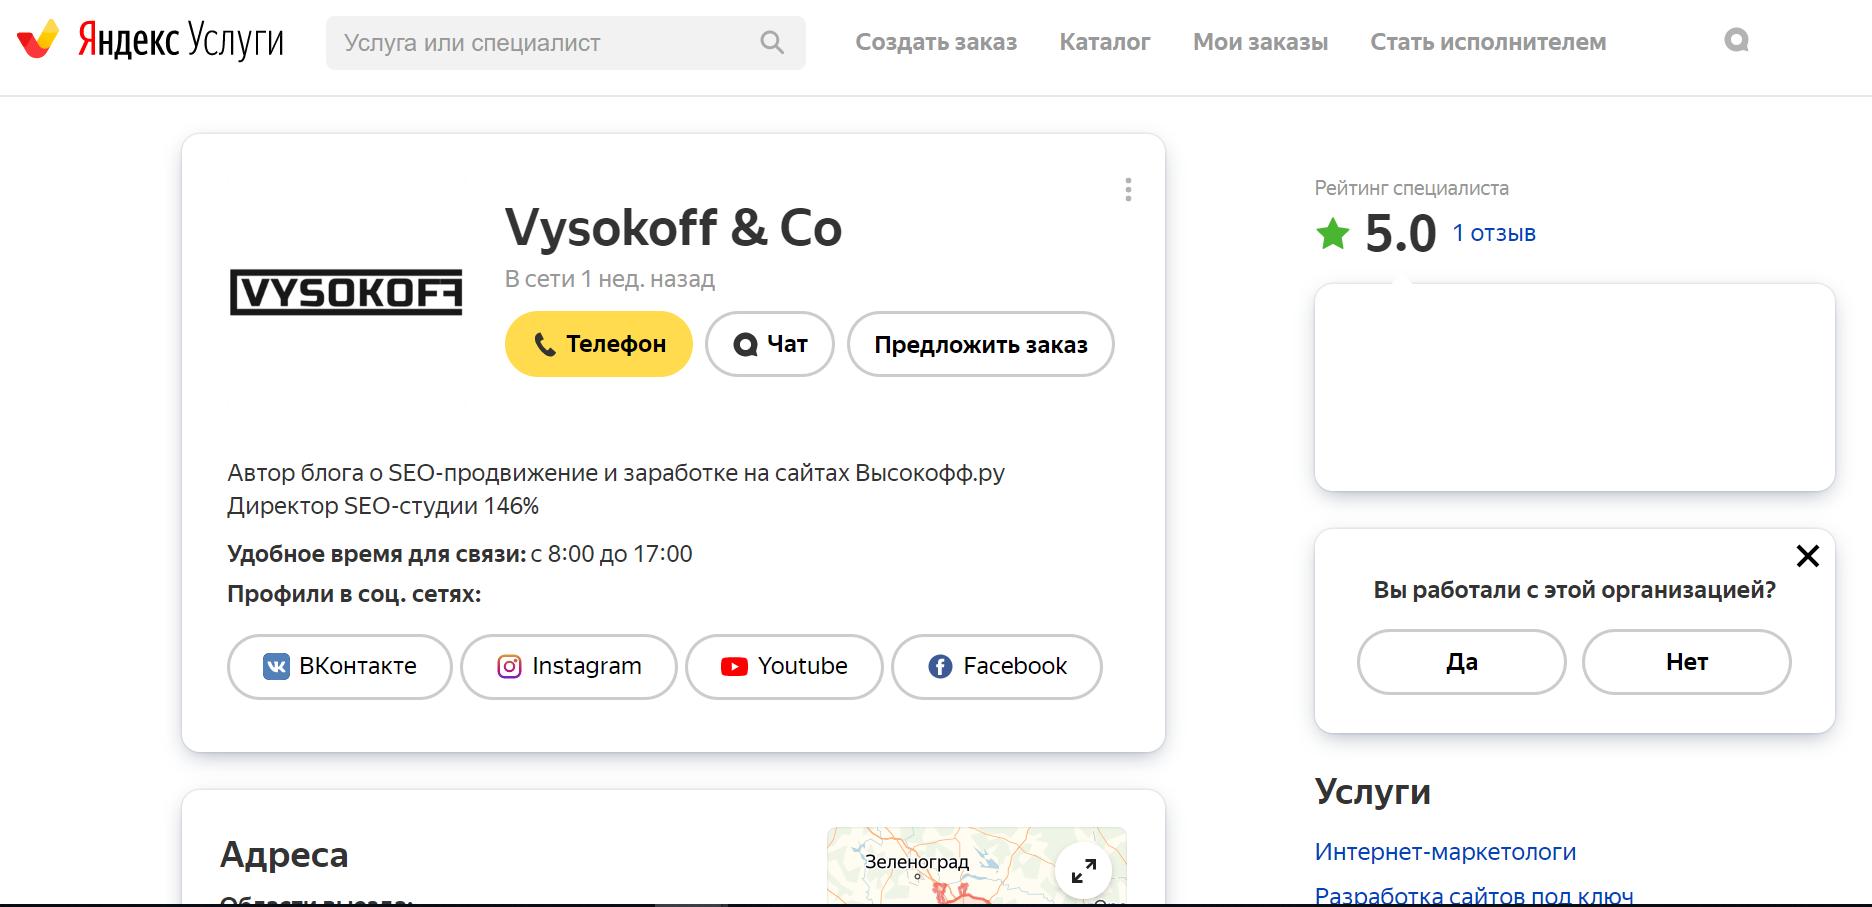 Заказать отзывы на Яндекс.Услугах